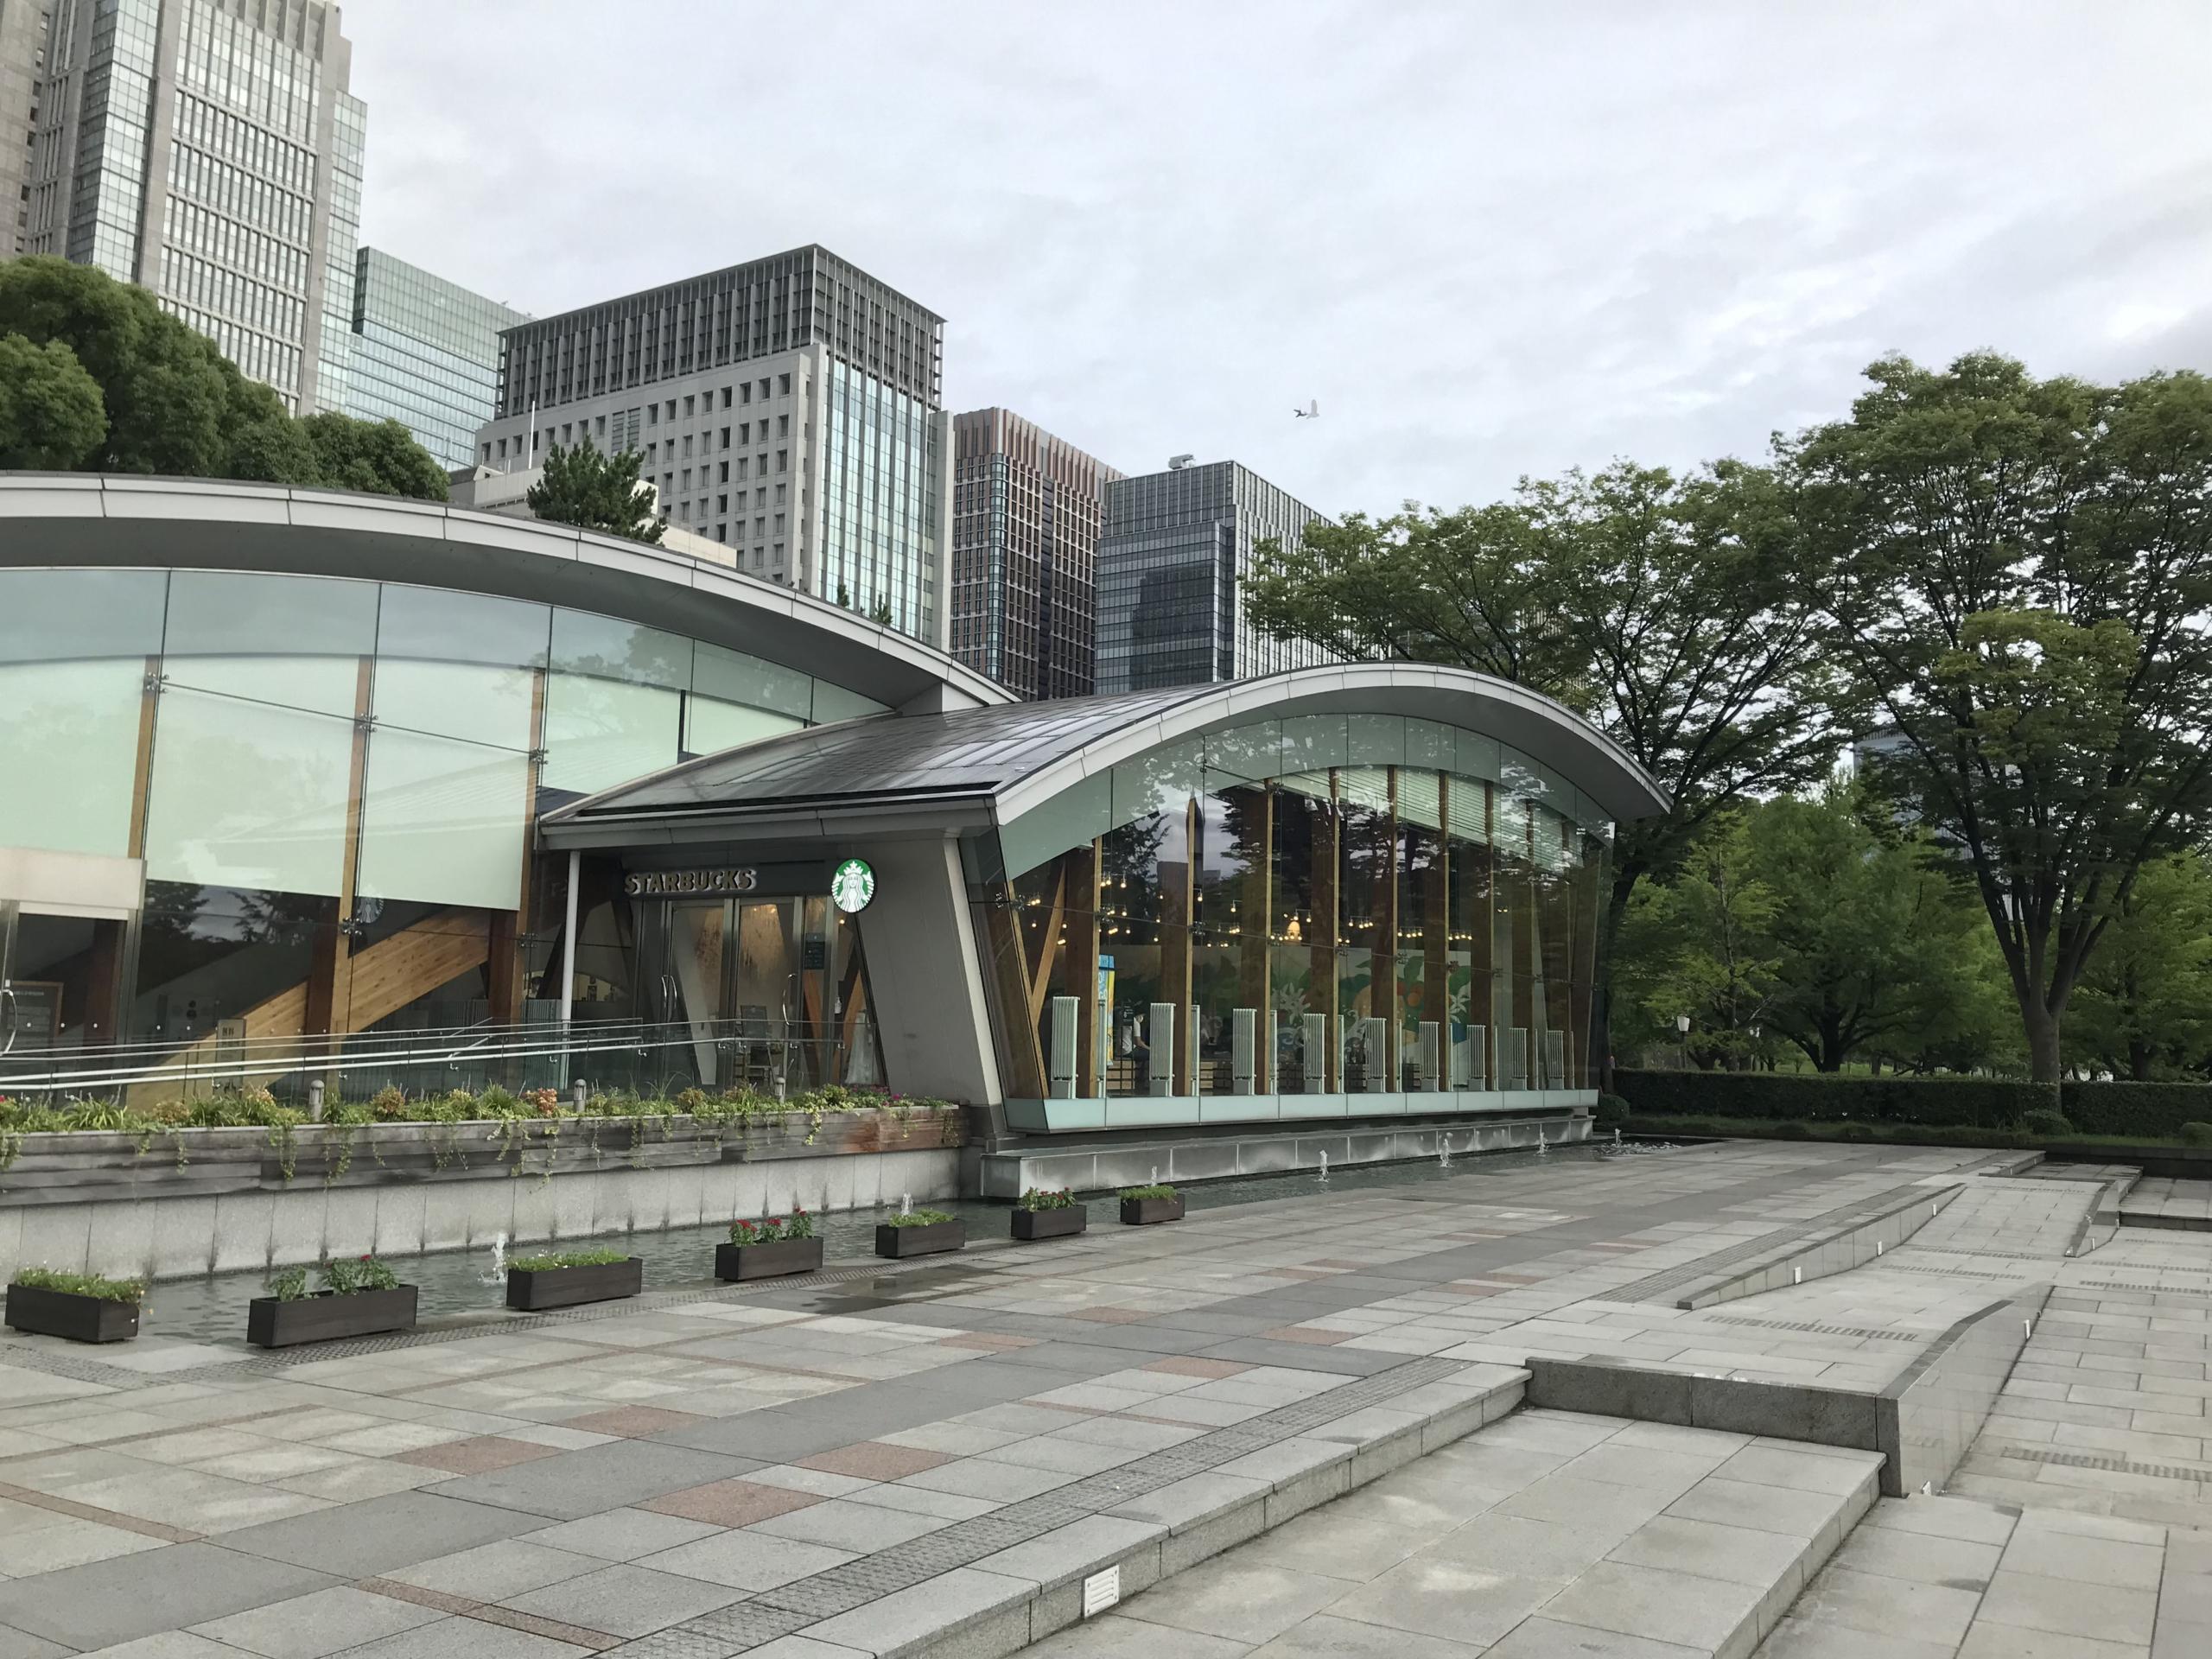 和田倉噴水公園内の建物